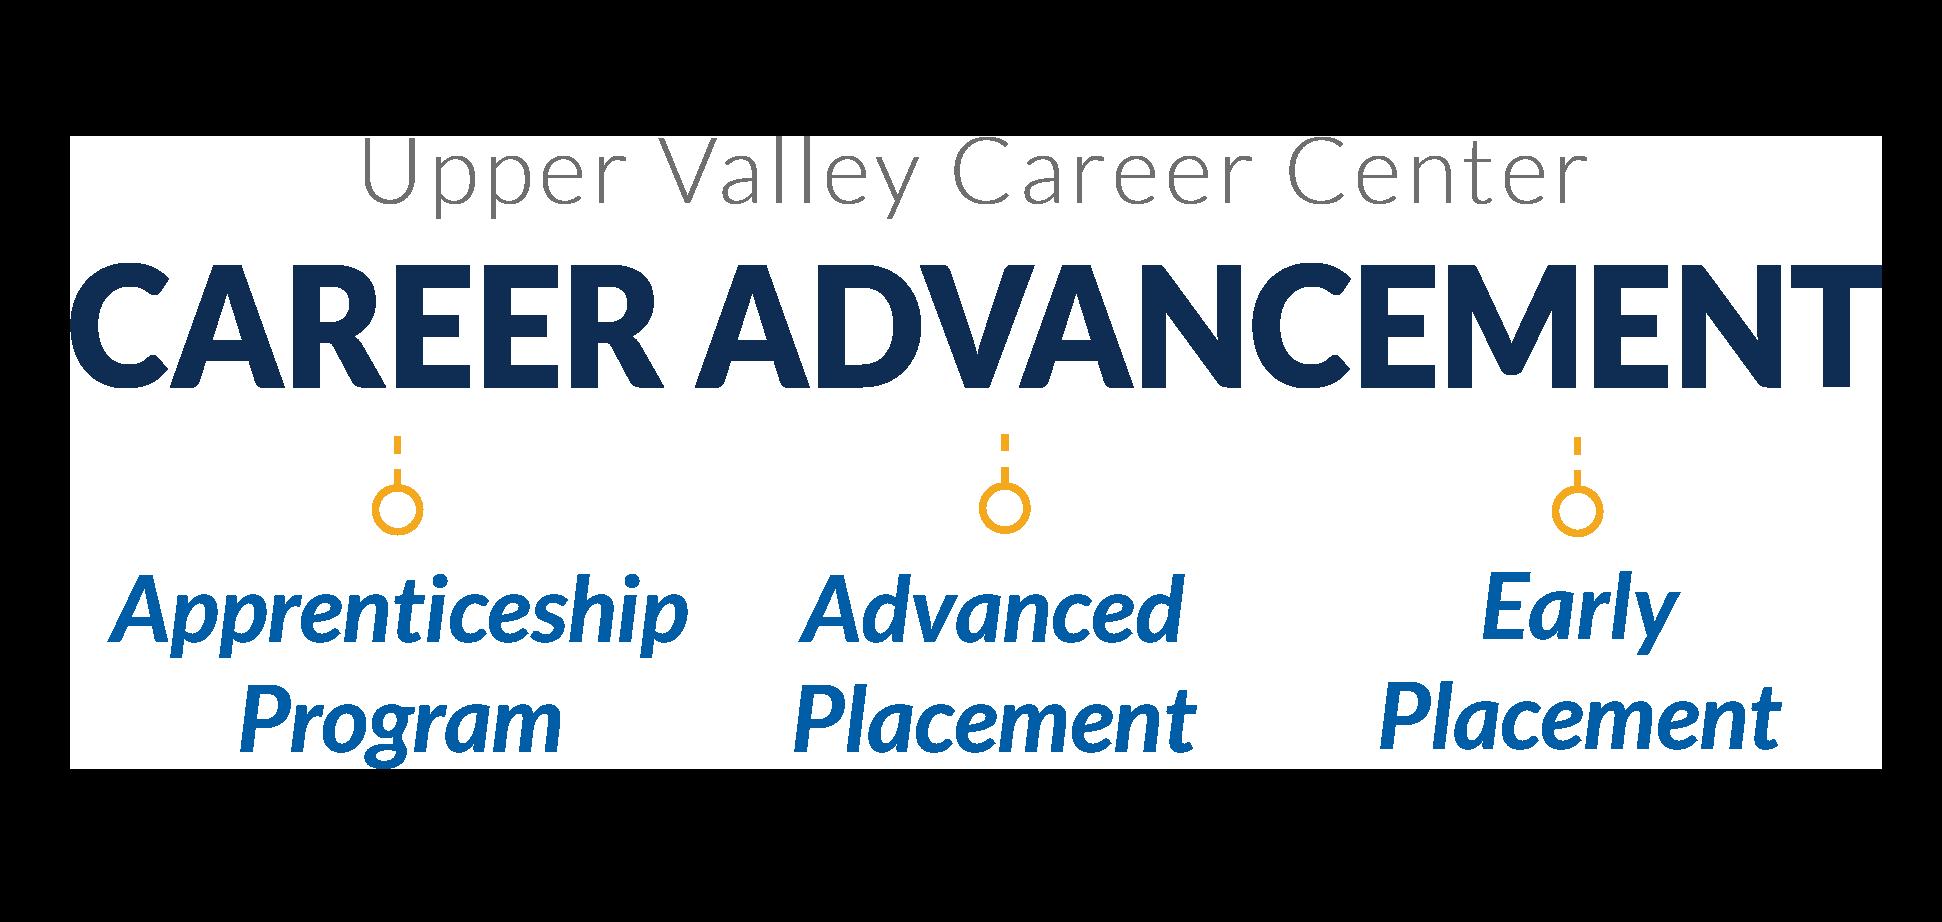 Career Advancement Center